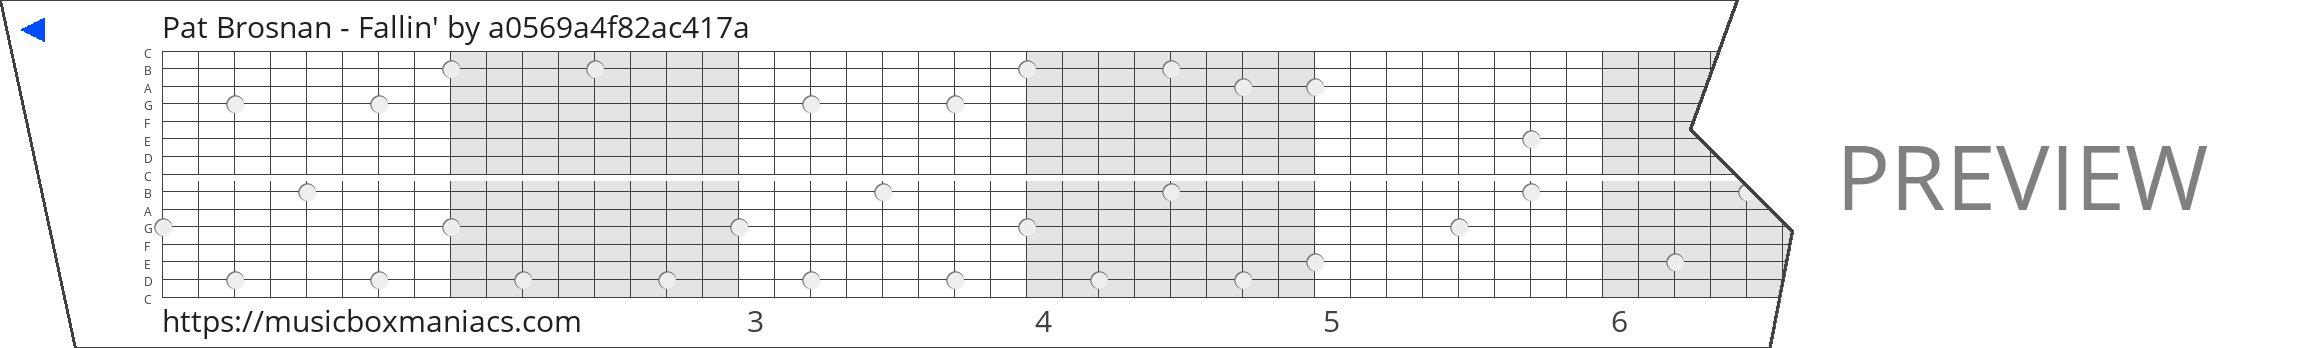 Pat Brosnan - Fallin' 15 note music box paper strip